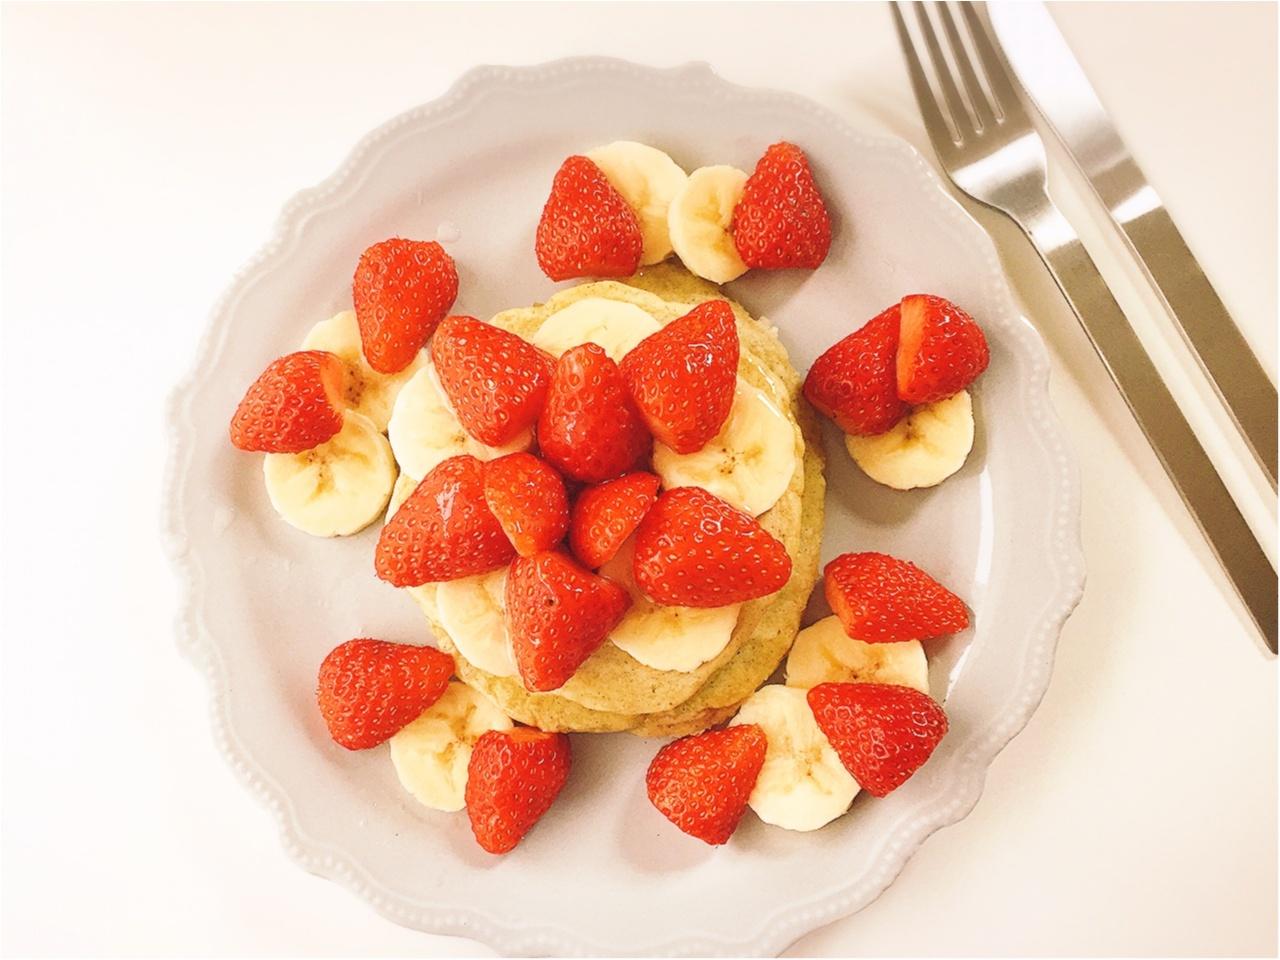 【おうちカフェ】シンプルな美味しさ!ふわもち食感がたまらないっ!『九州パンケーキ』で朝が楽しみになる!!_4